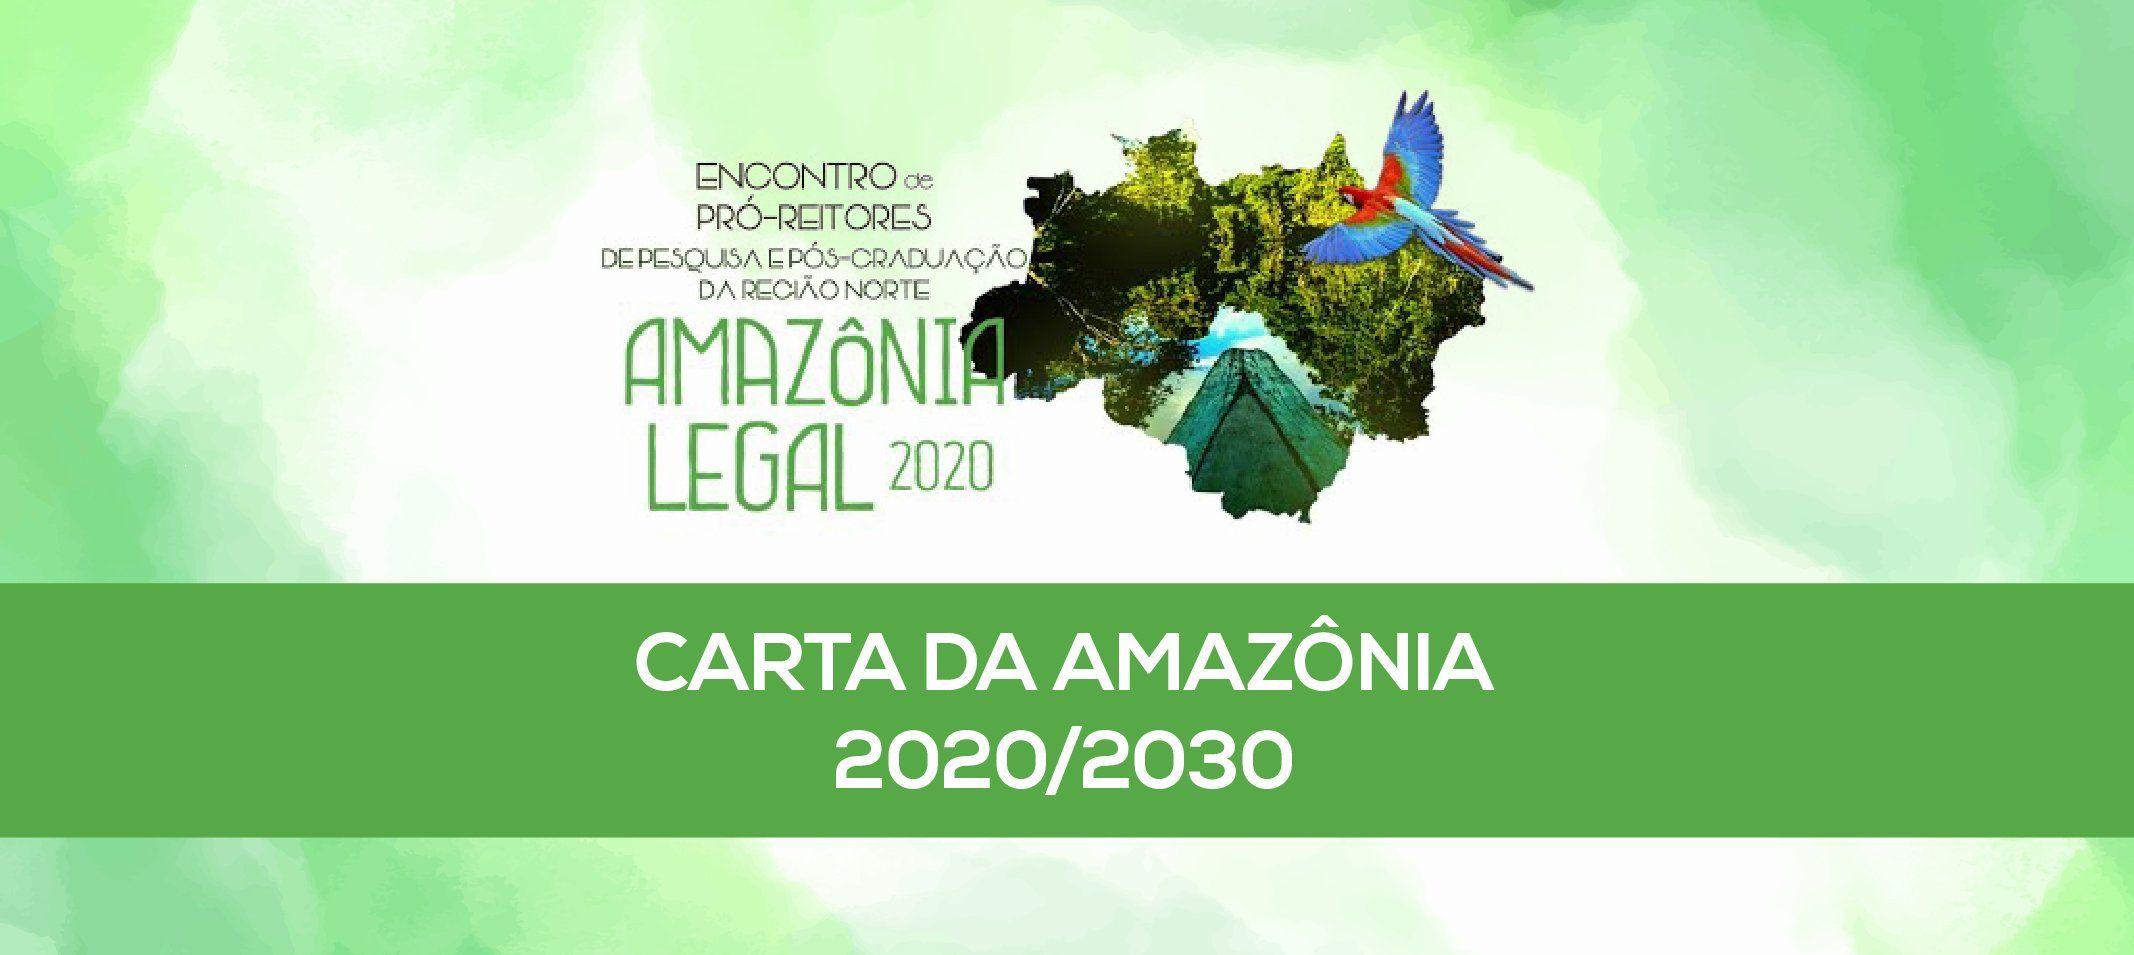 Pró-reitores da Amazônia Legal divulgam Carta da Amazônia com metas para a próxima década